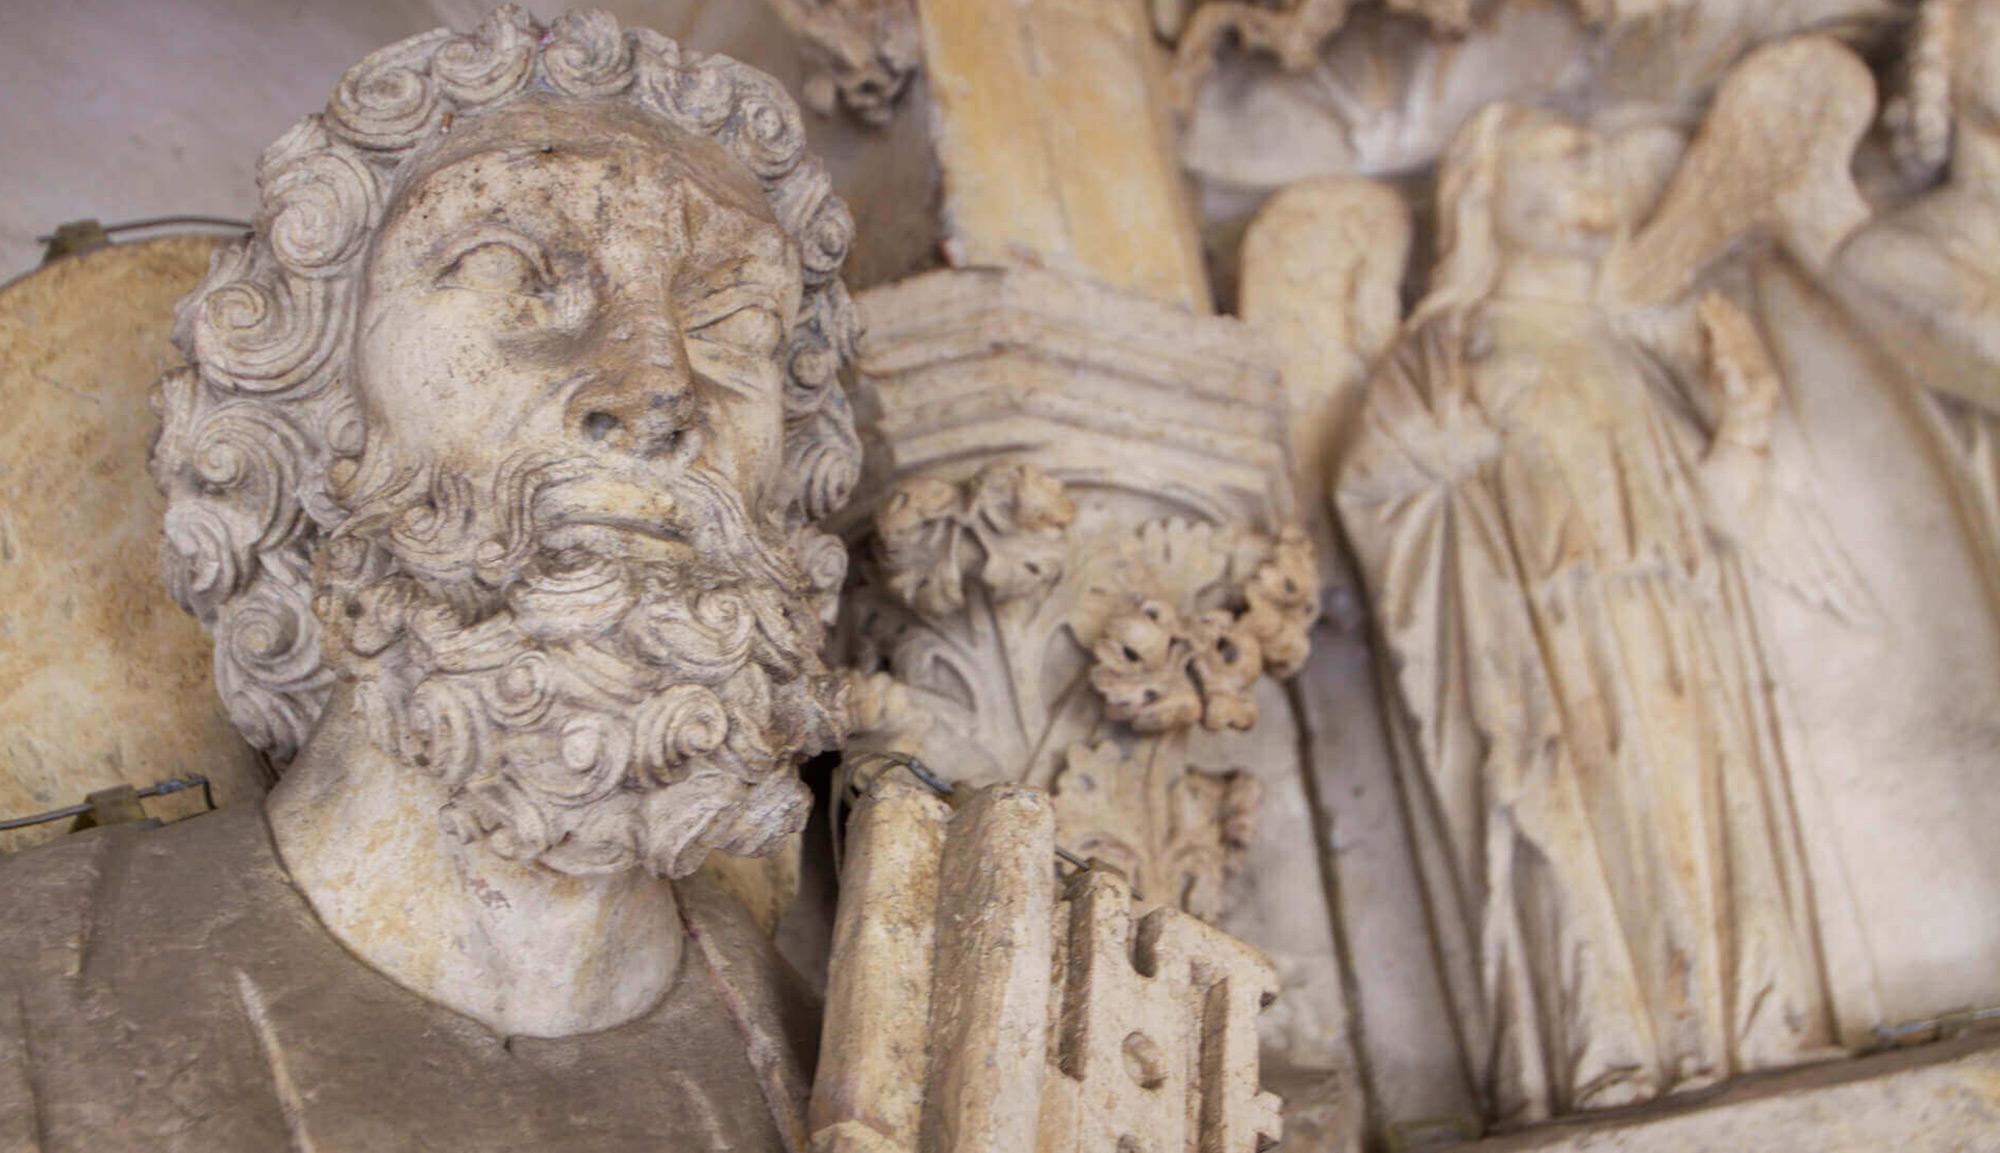 L'association des amis de la basilique Saint-Seurin